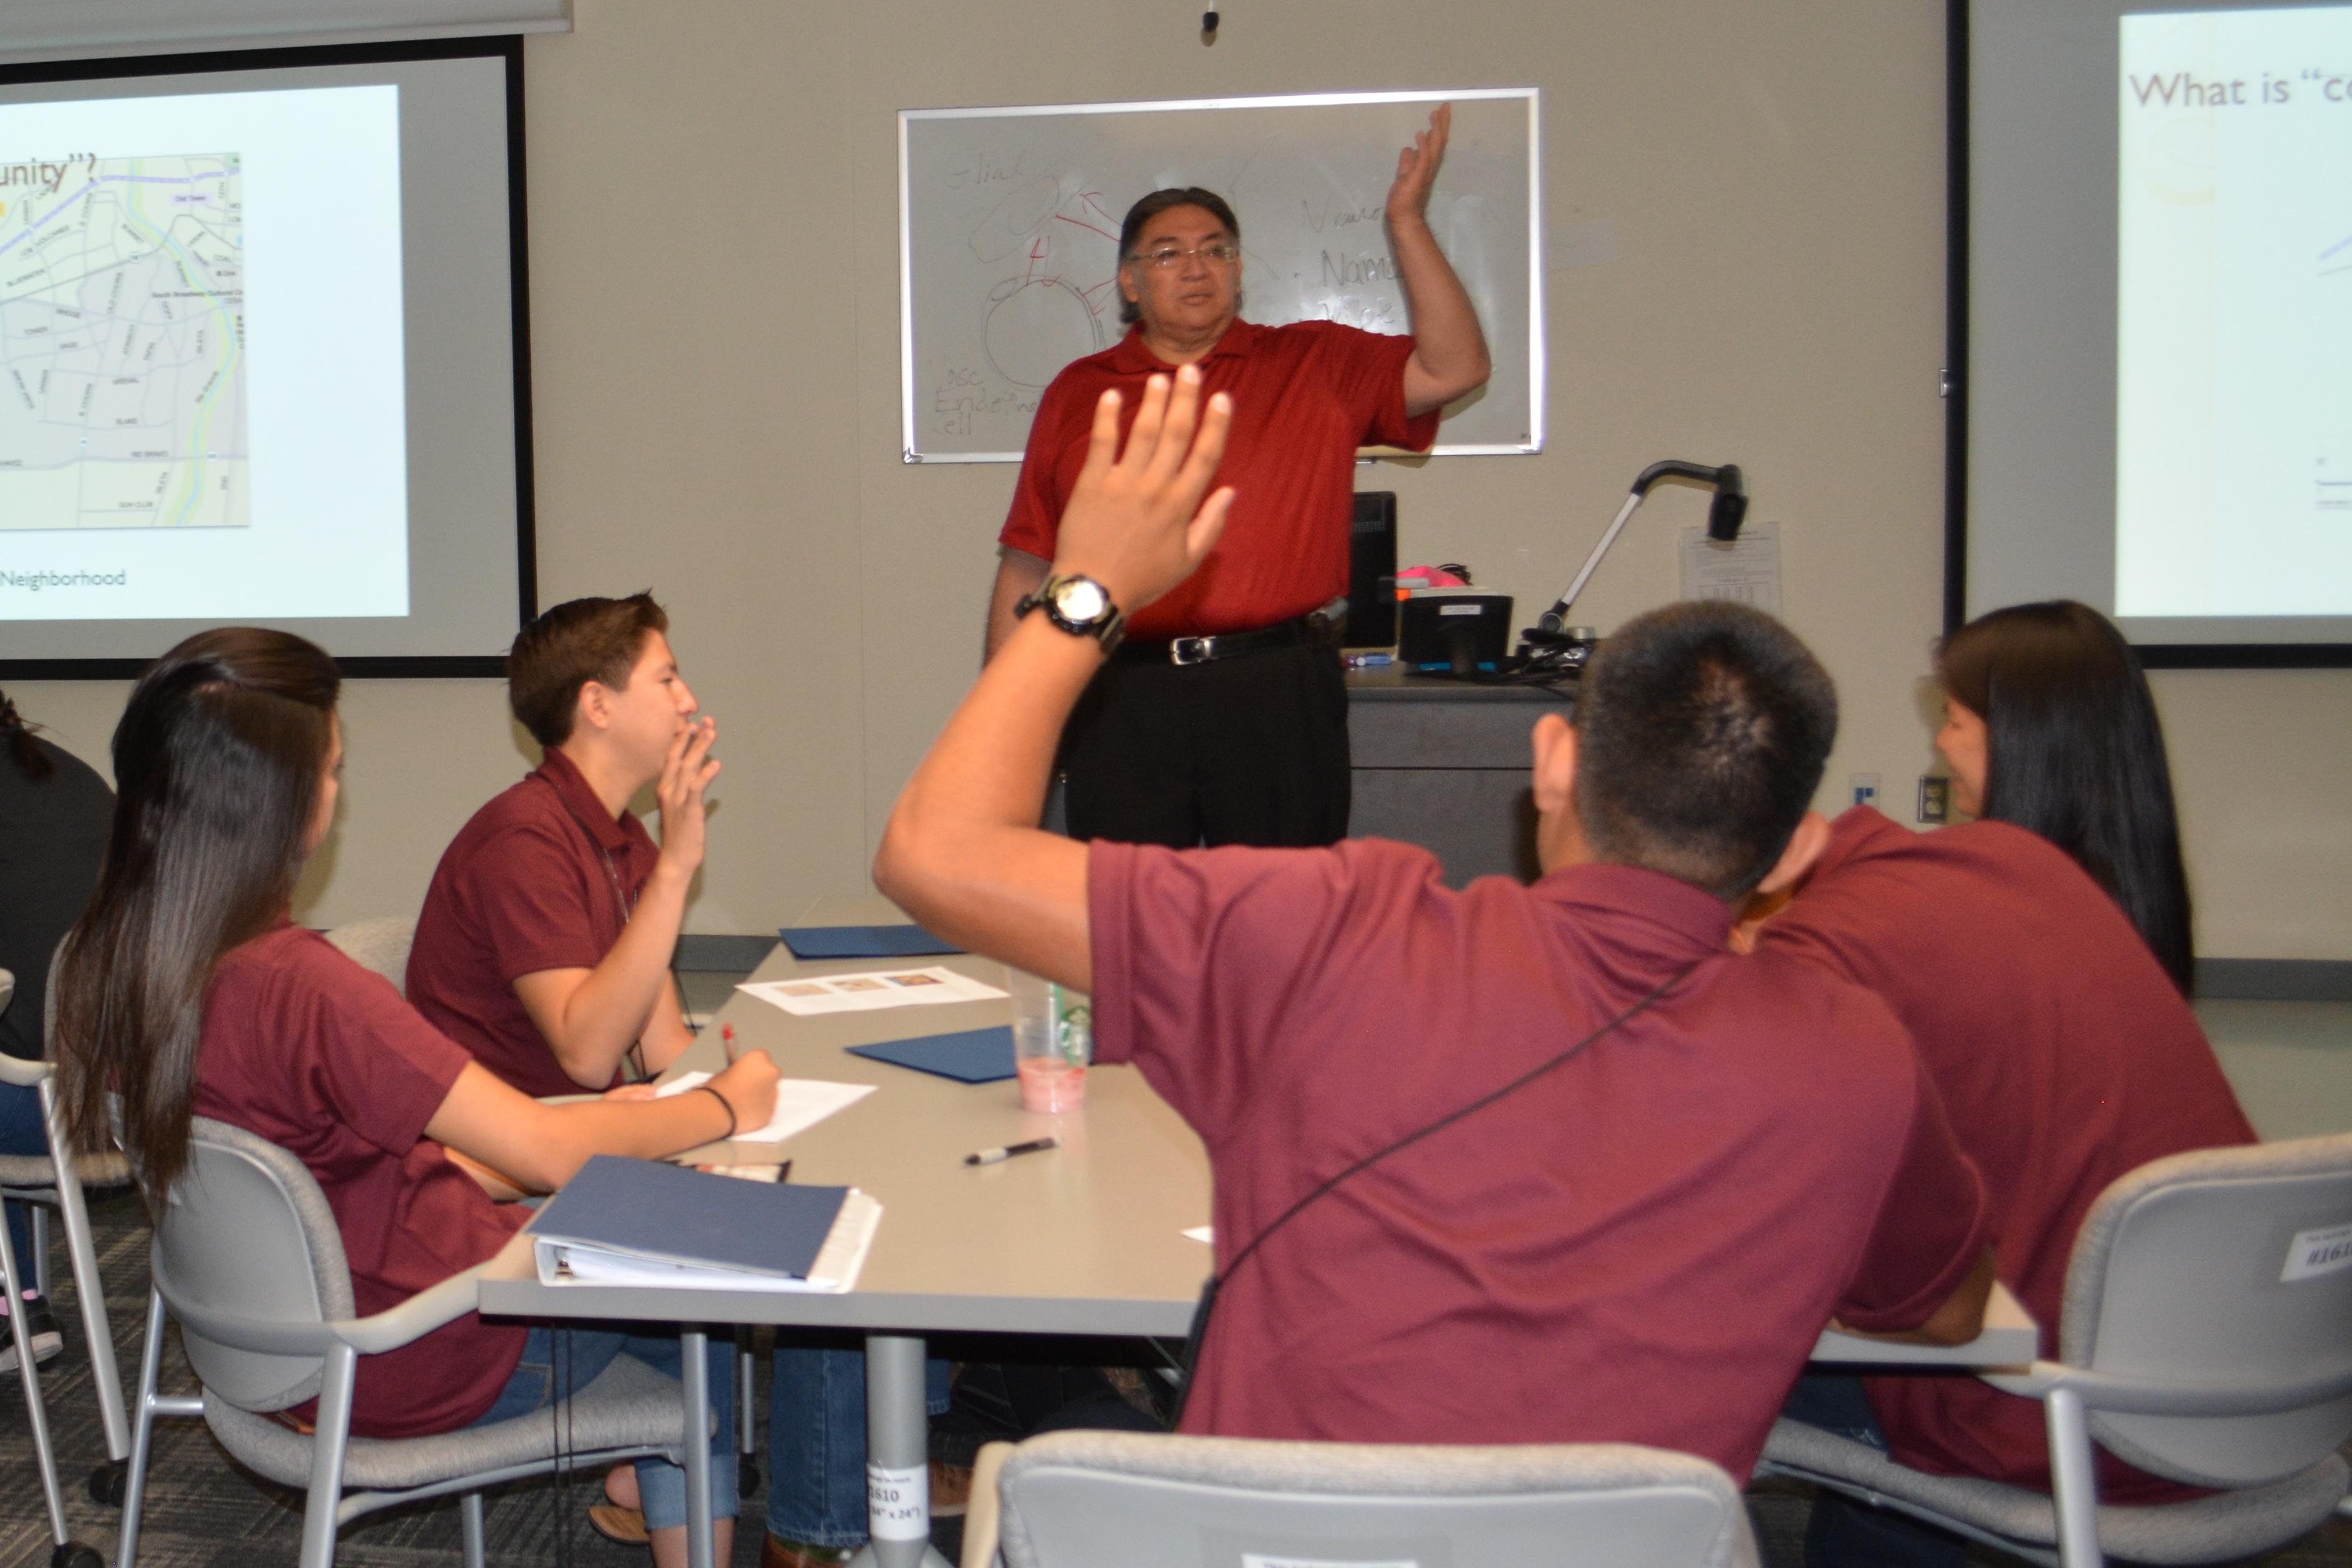 Norman Cooeyate présente, des étudiants assis à des tables levant la main.